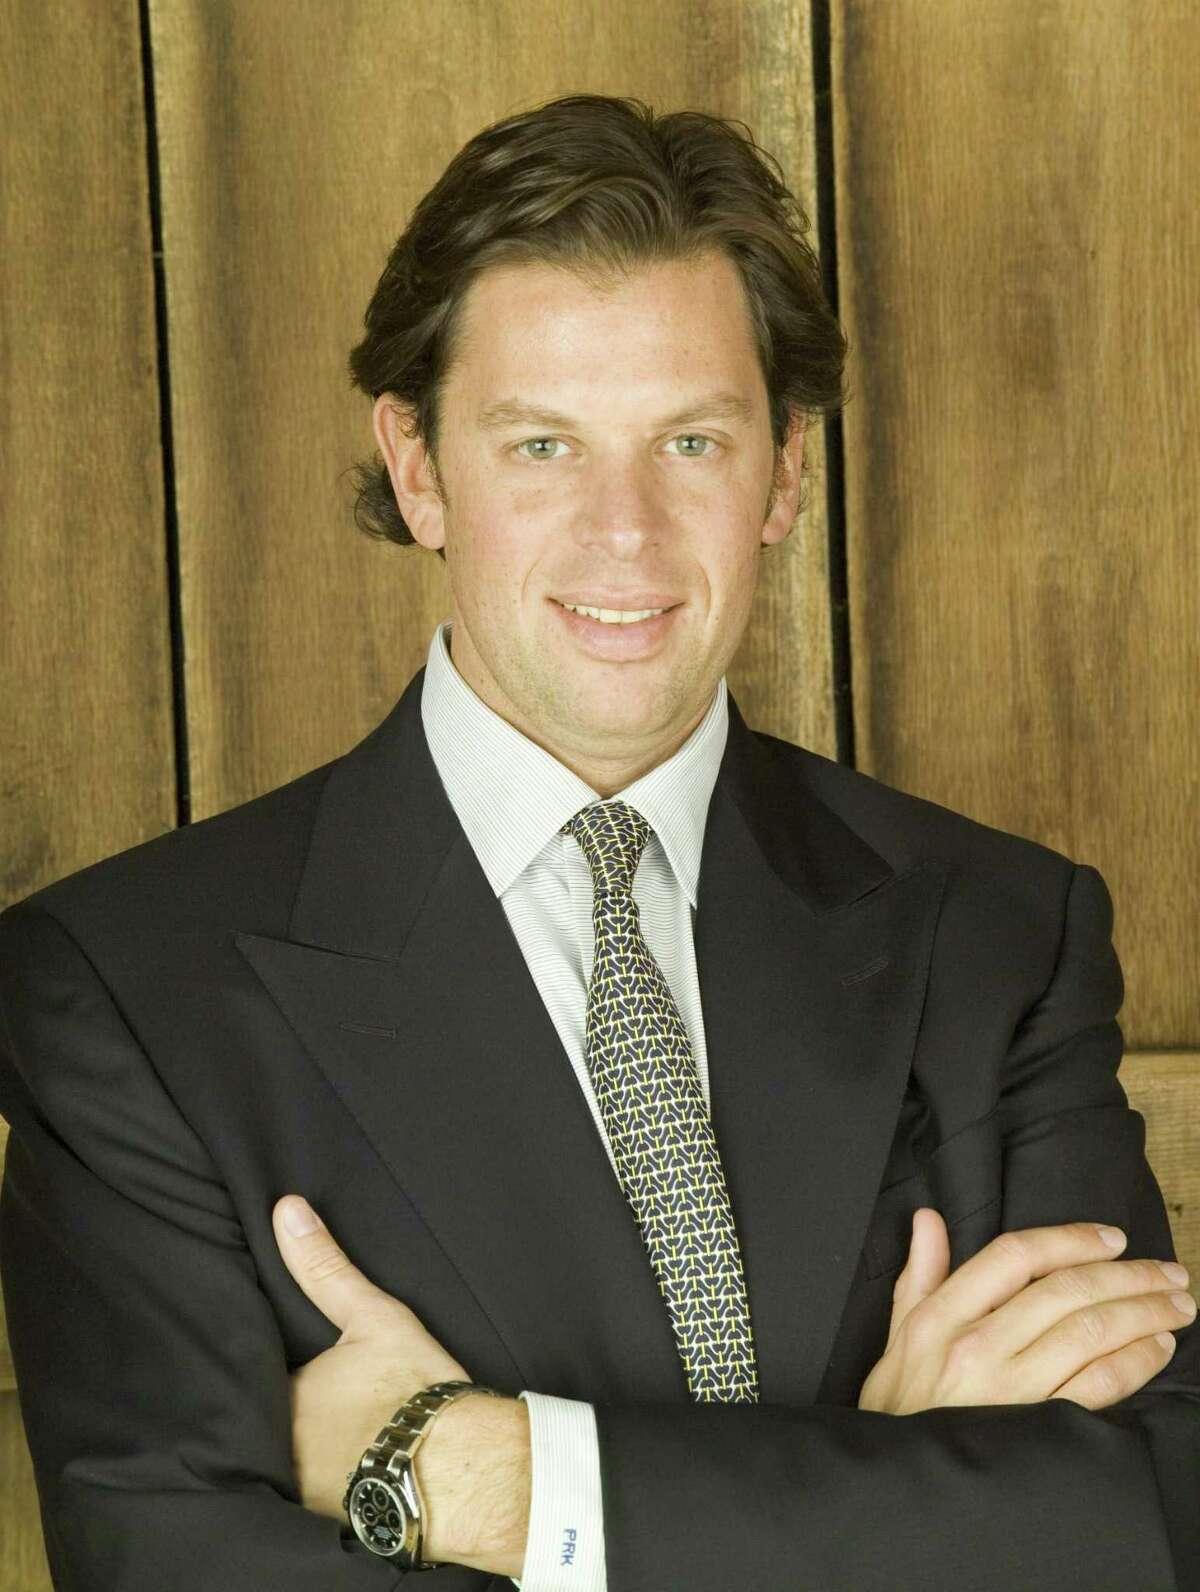 Peter Klemm